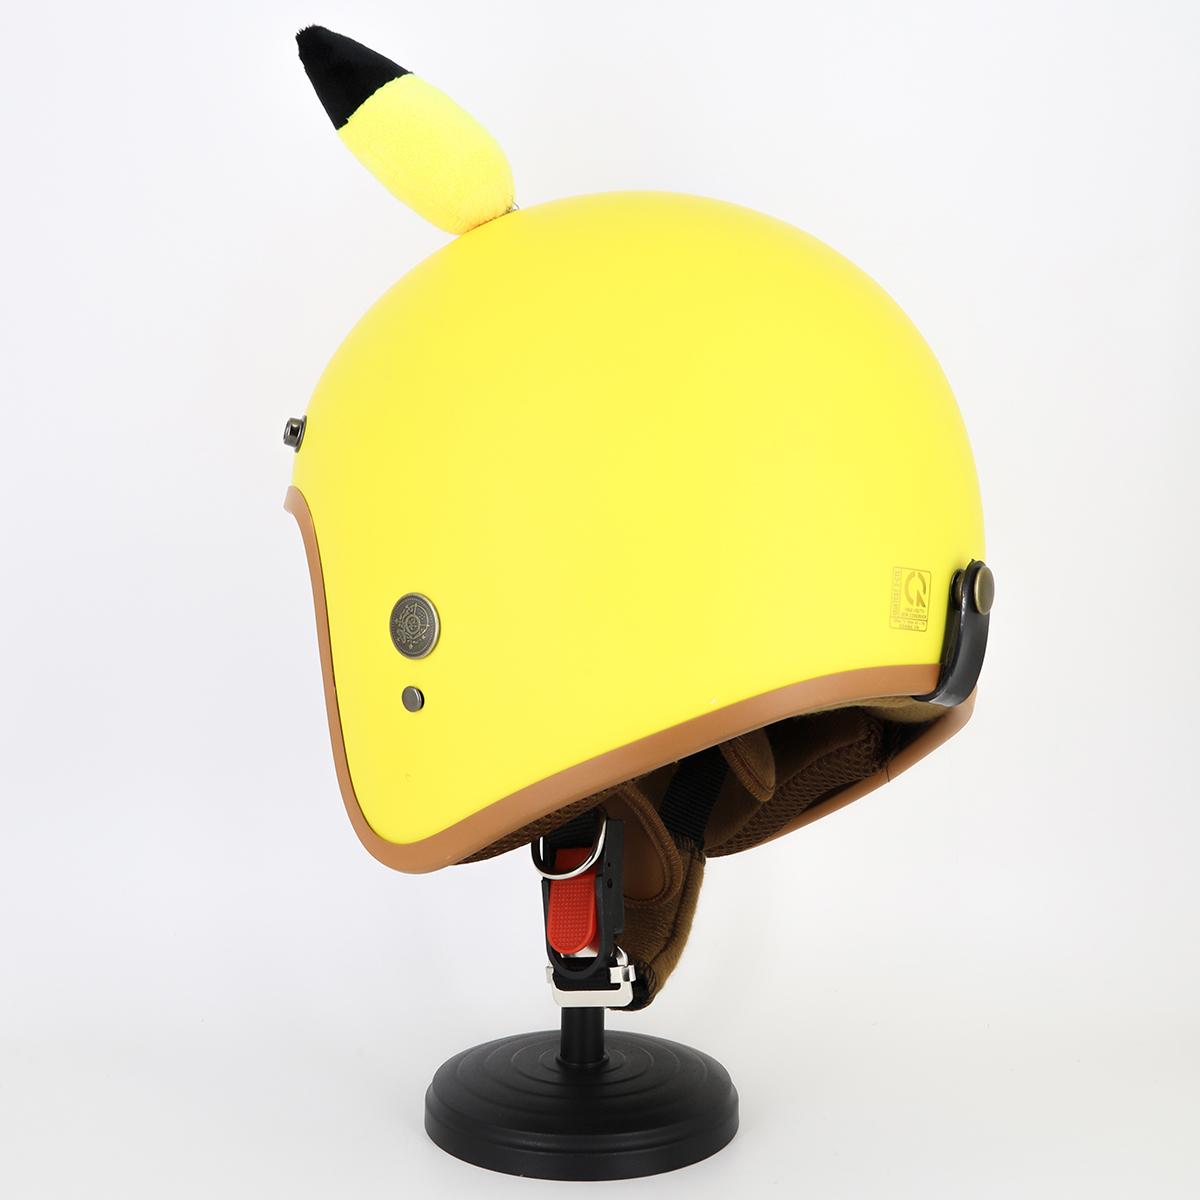 Mũ Bảo Hiểm SRT 3/4 Tem có tai hình thú nhiều màu siêu dễ thương, Kèm lưỡi chai chống nắng, chống chói theo mỗi nón